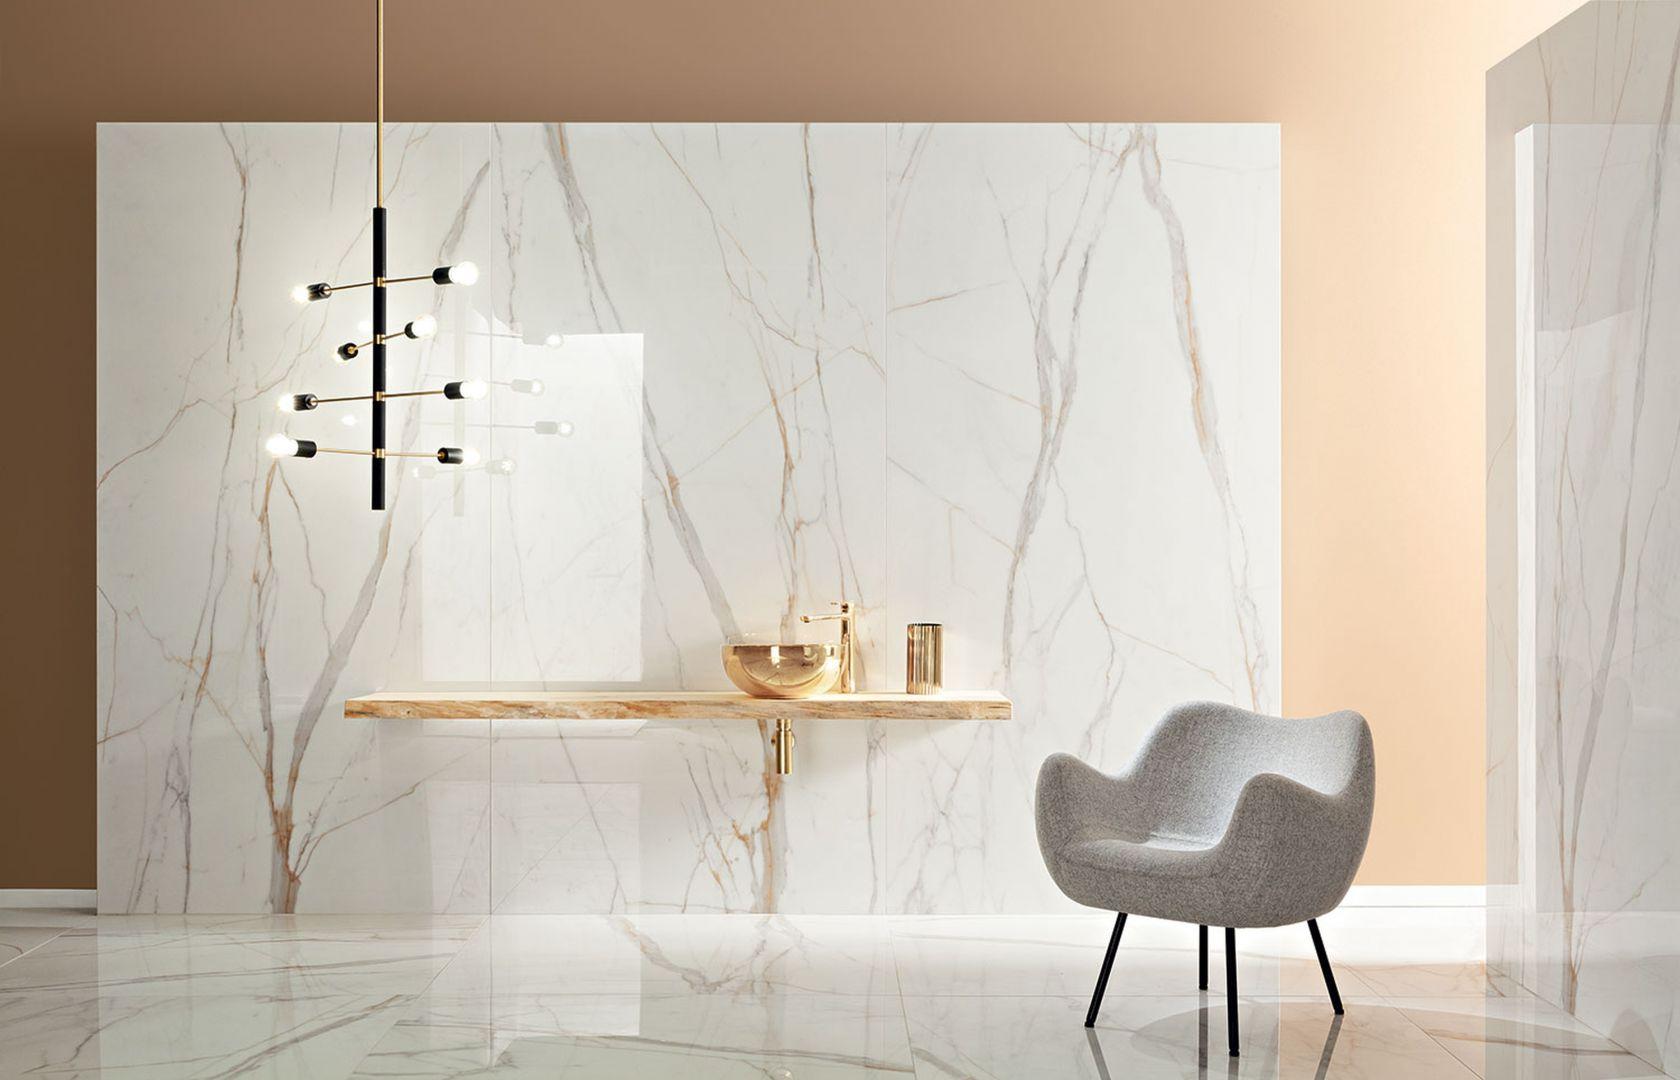 Swoją wyjątkowość Marmo d'Oro zawdzięcza nietypowemu połączeniu dwóch inspiracji – klasycznego piękna i elegancji oraz delikatności i oryginalności kinstugi. Kolekcja Marmo d'Oro. Fot. Tubądzin